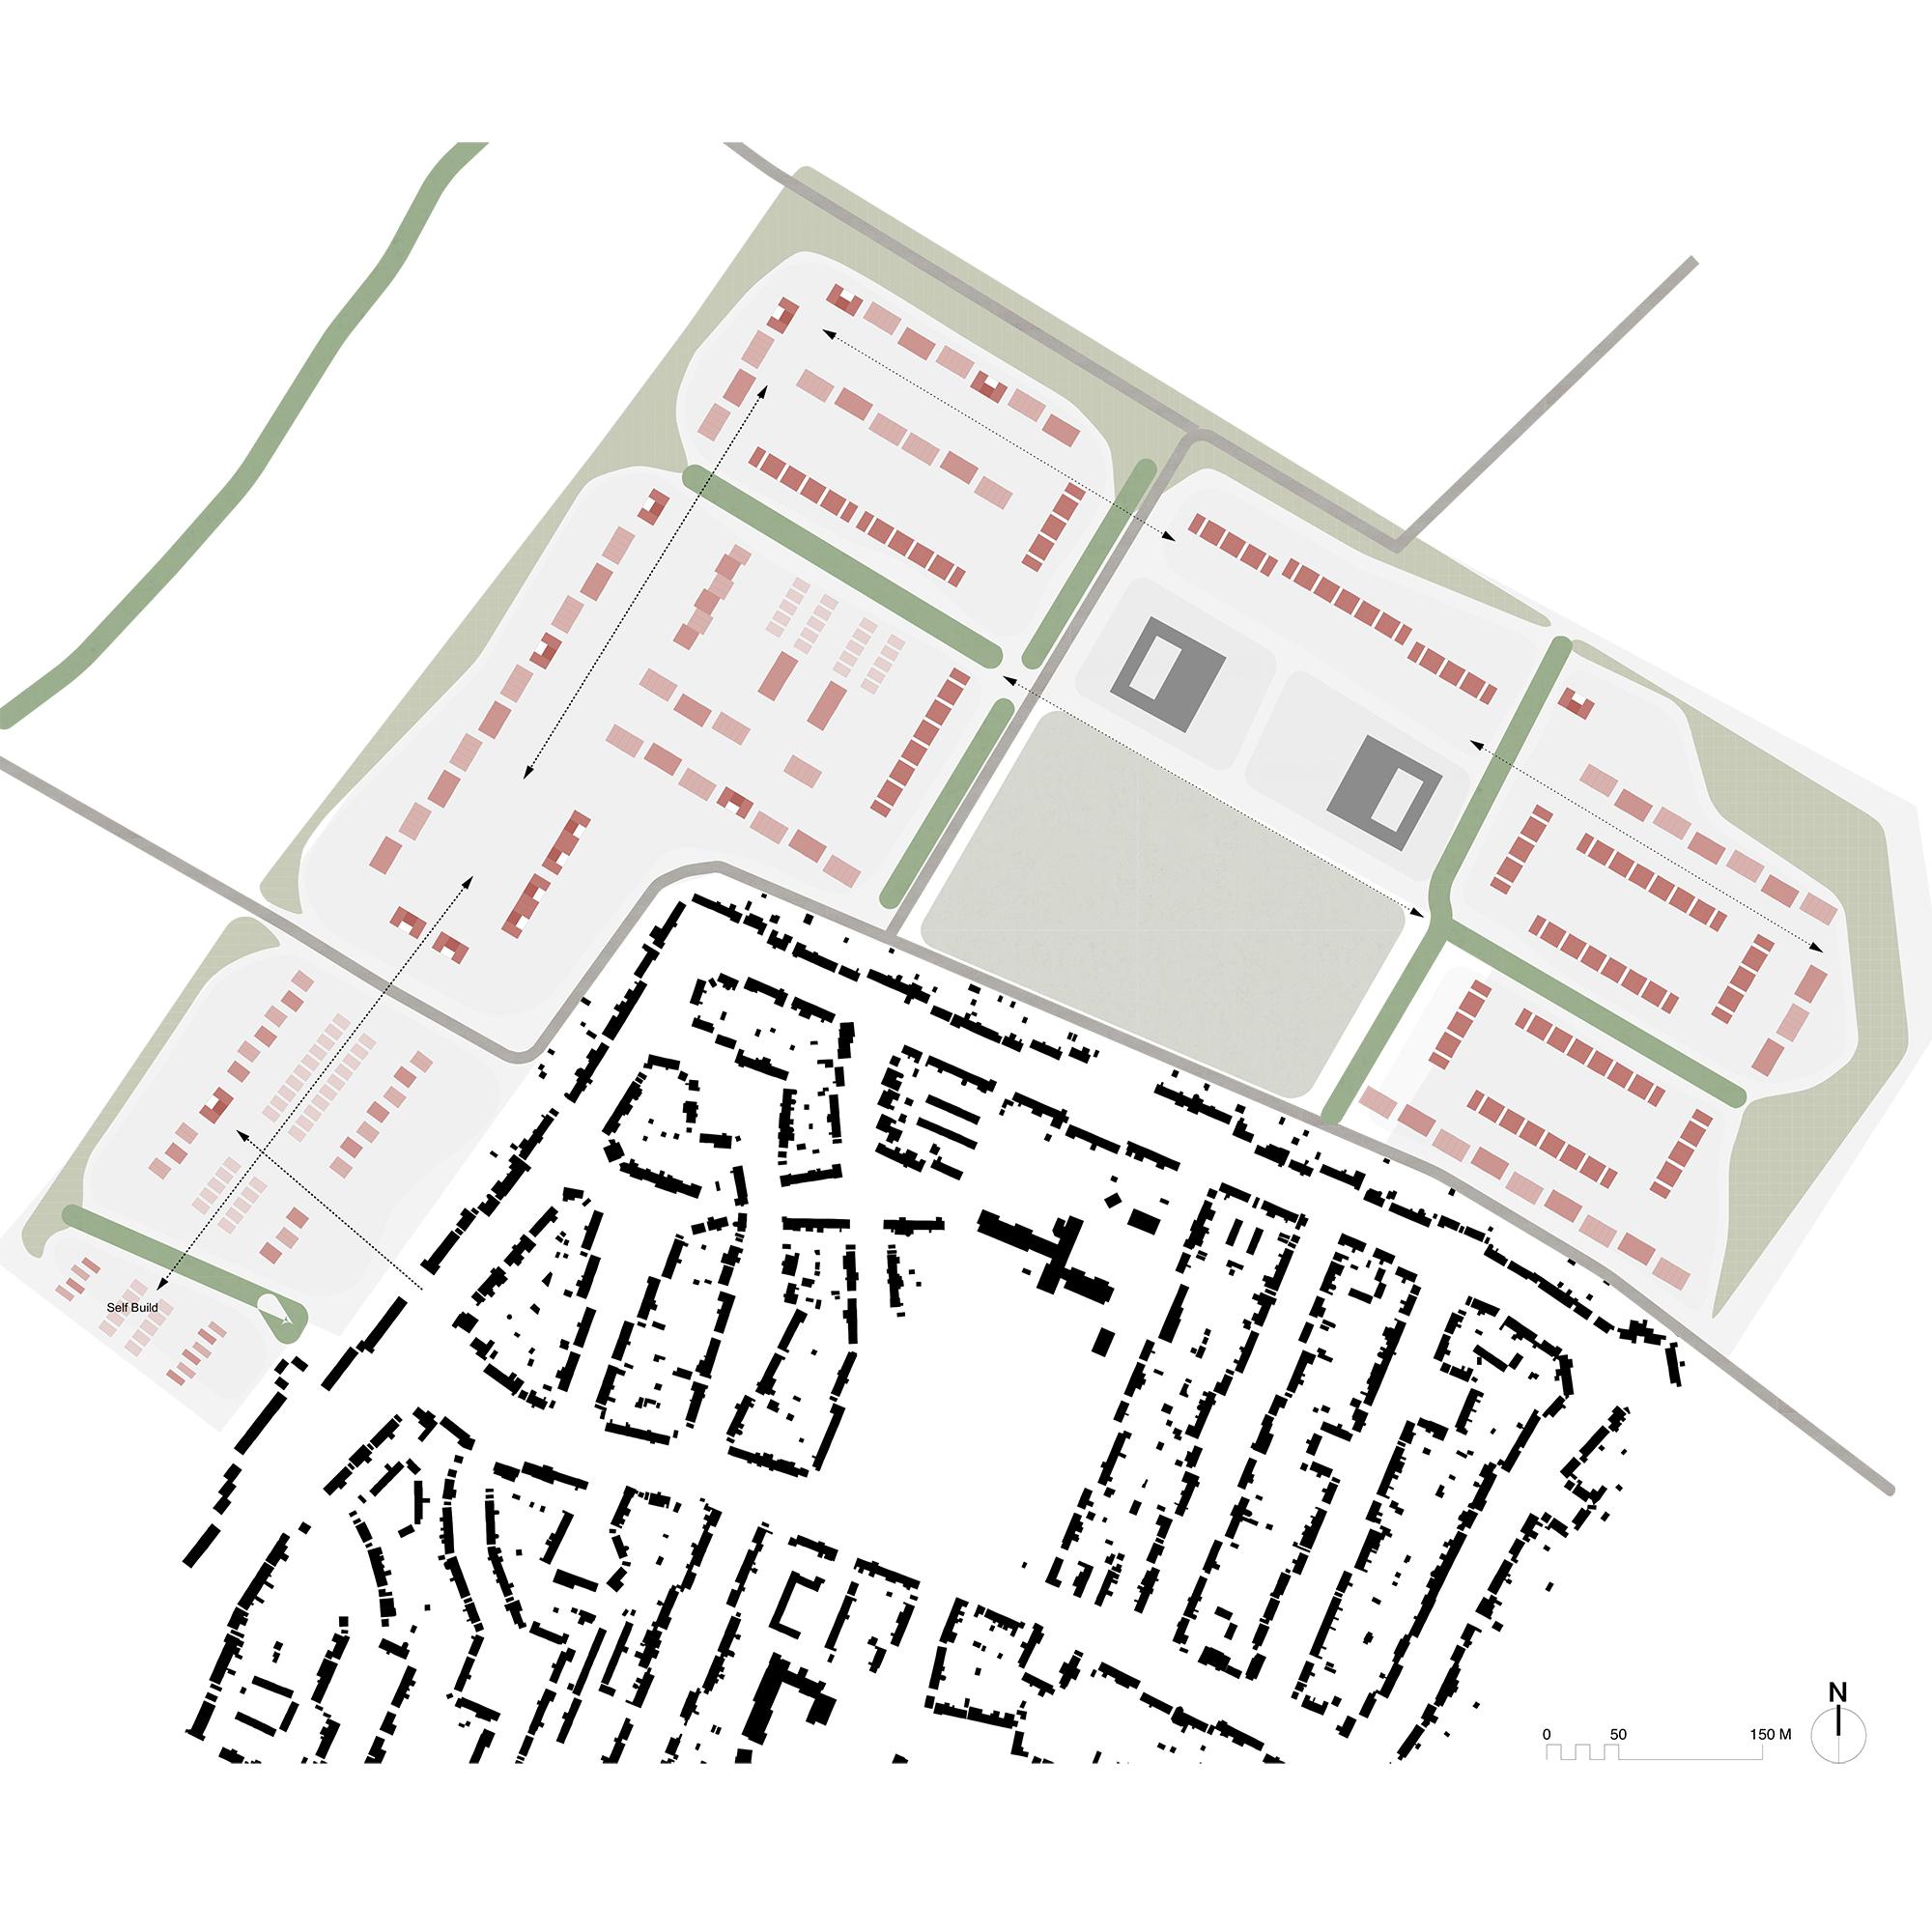 LGC- WEB001-PROPOSED PLAN.jpg